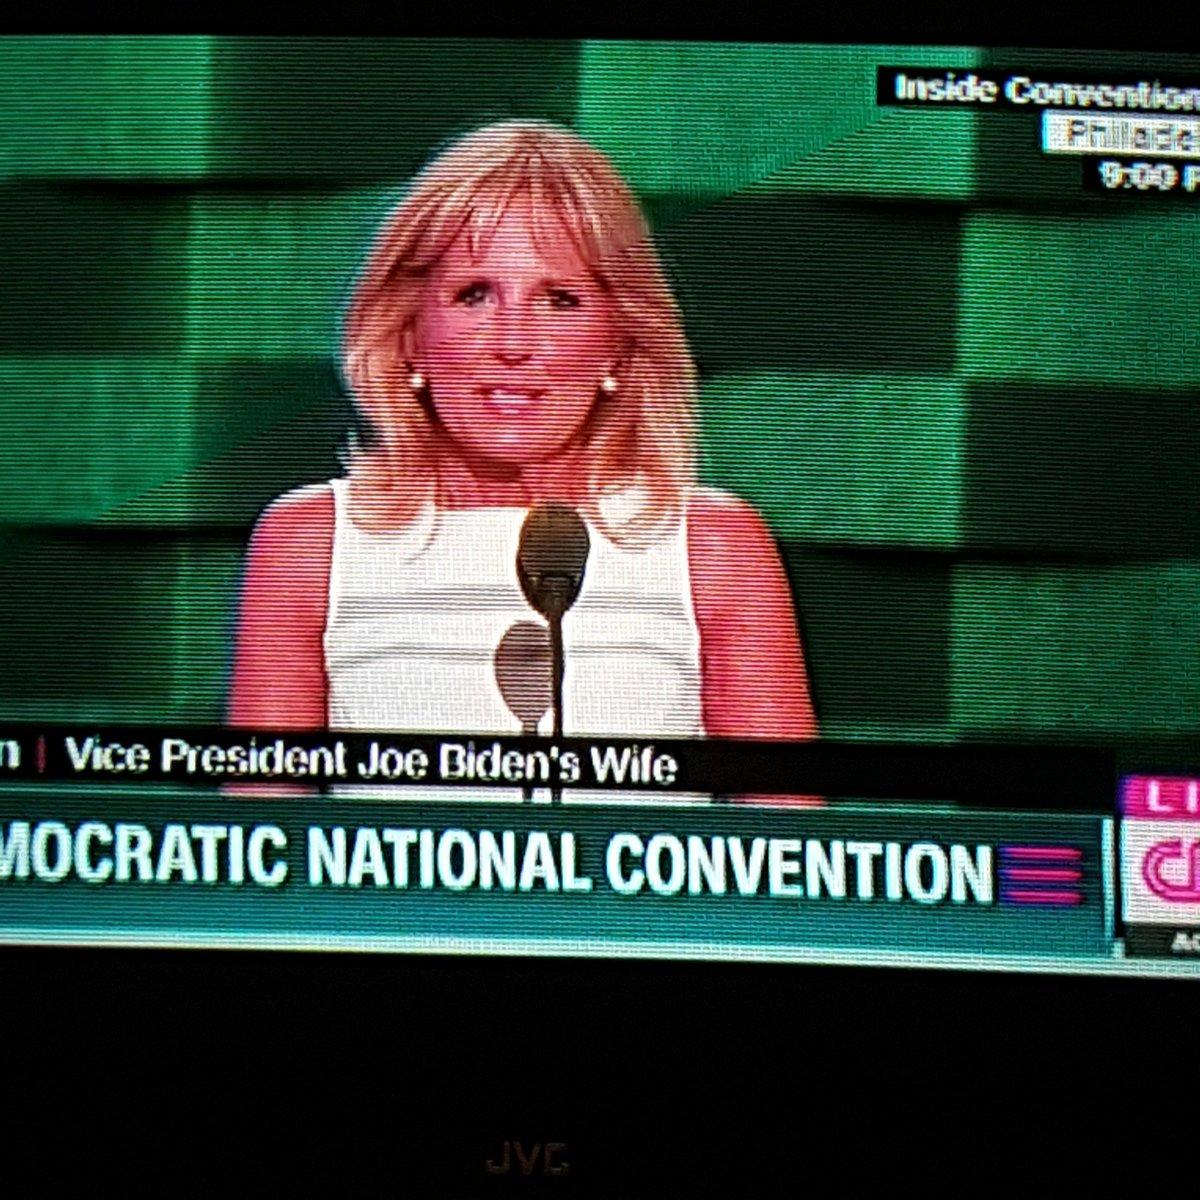 Two #BlueHens are now speaking at the #DNC -- Dr. Jill Biden & @VP Joe Biden #BlueHensforever https://t.co/HxbsQ3OpnY